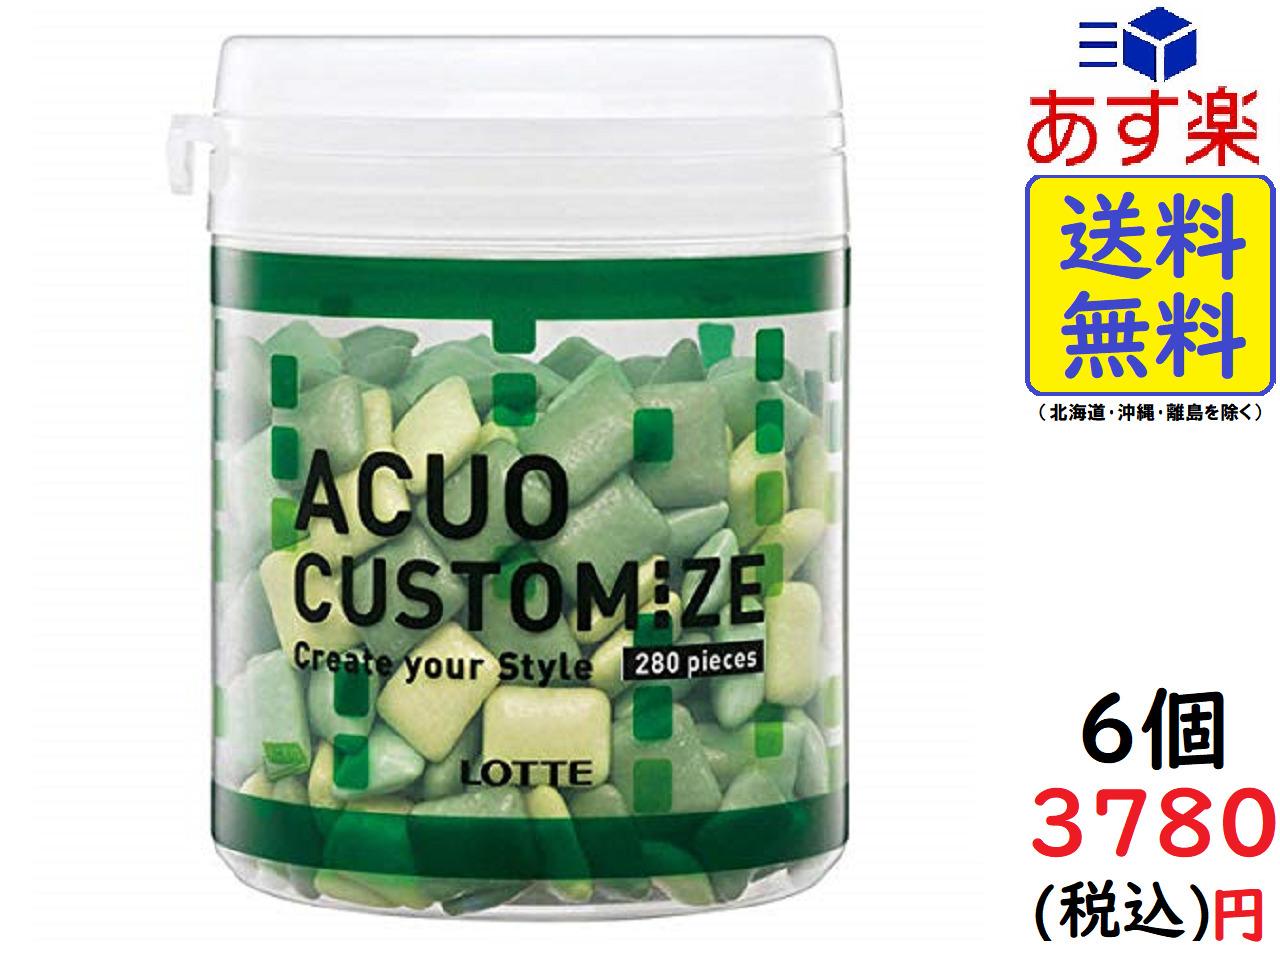 【送料無料】【あす楽対応】 ロッテ ACUO アクオ カスタマイズ ファミリーボトル 140g×6個パック